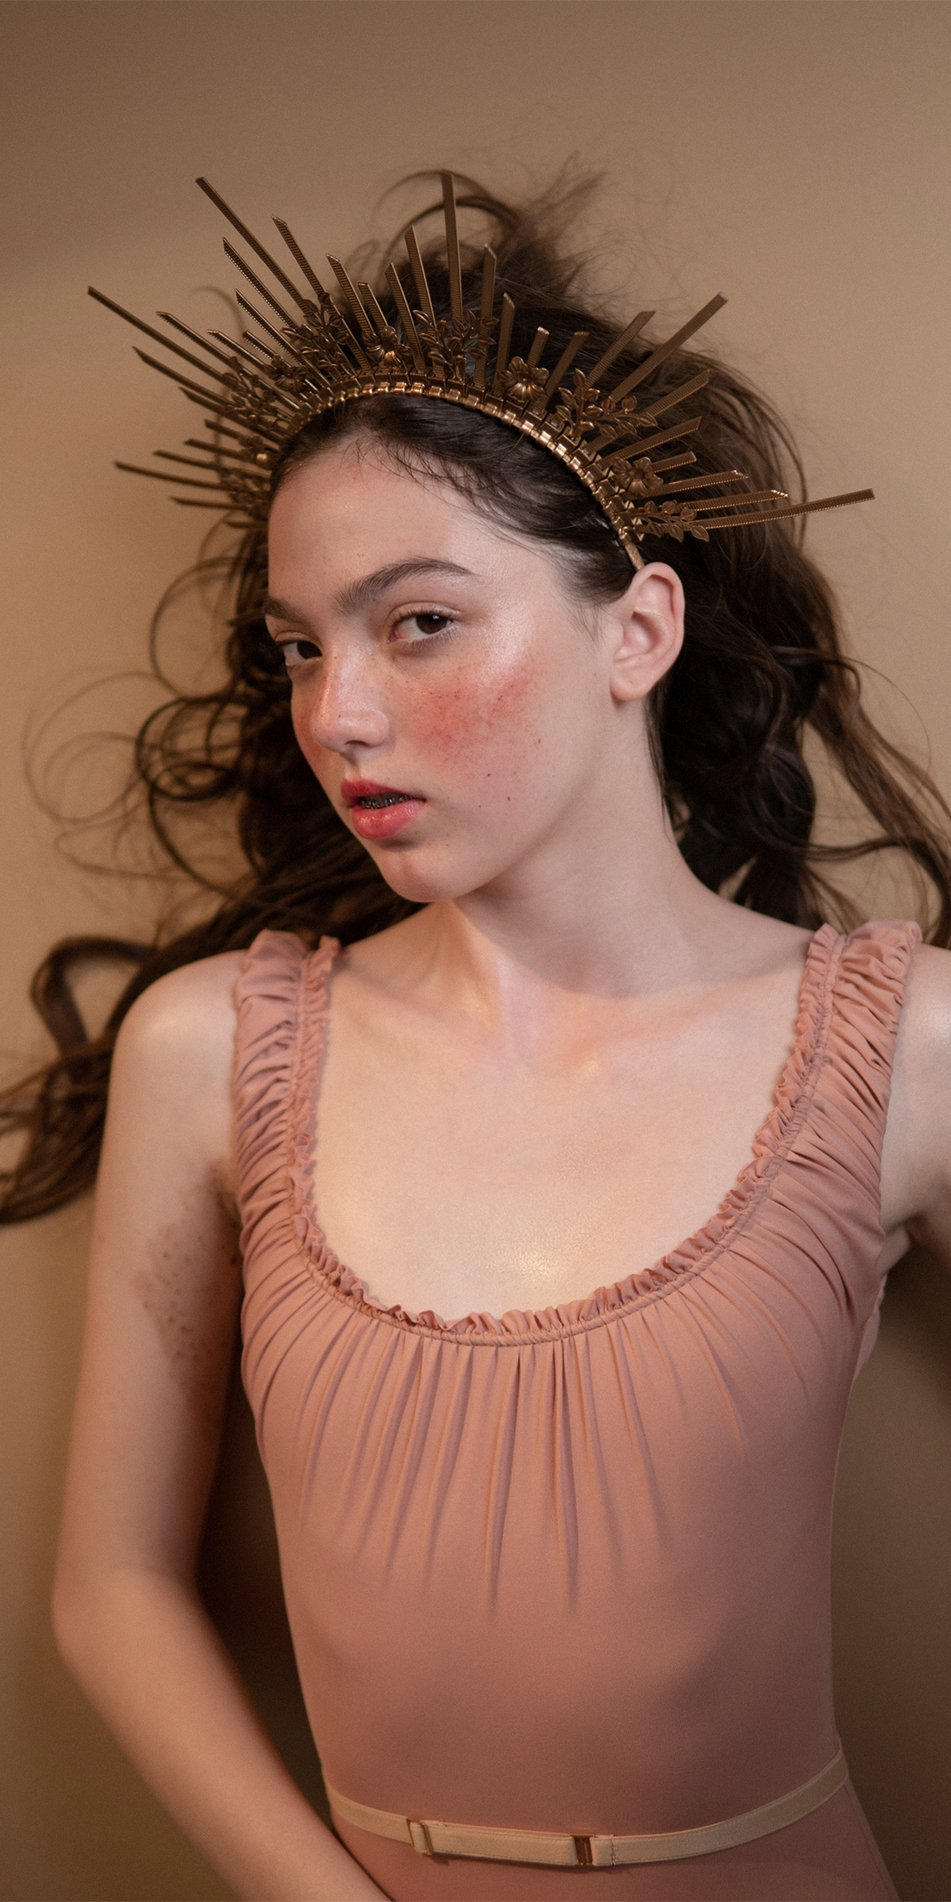 MAIDEN blush leotard with straps 4